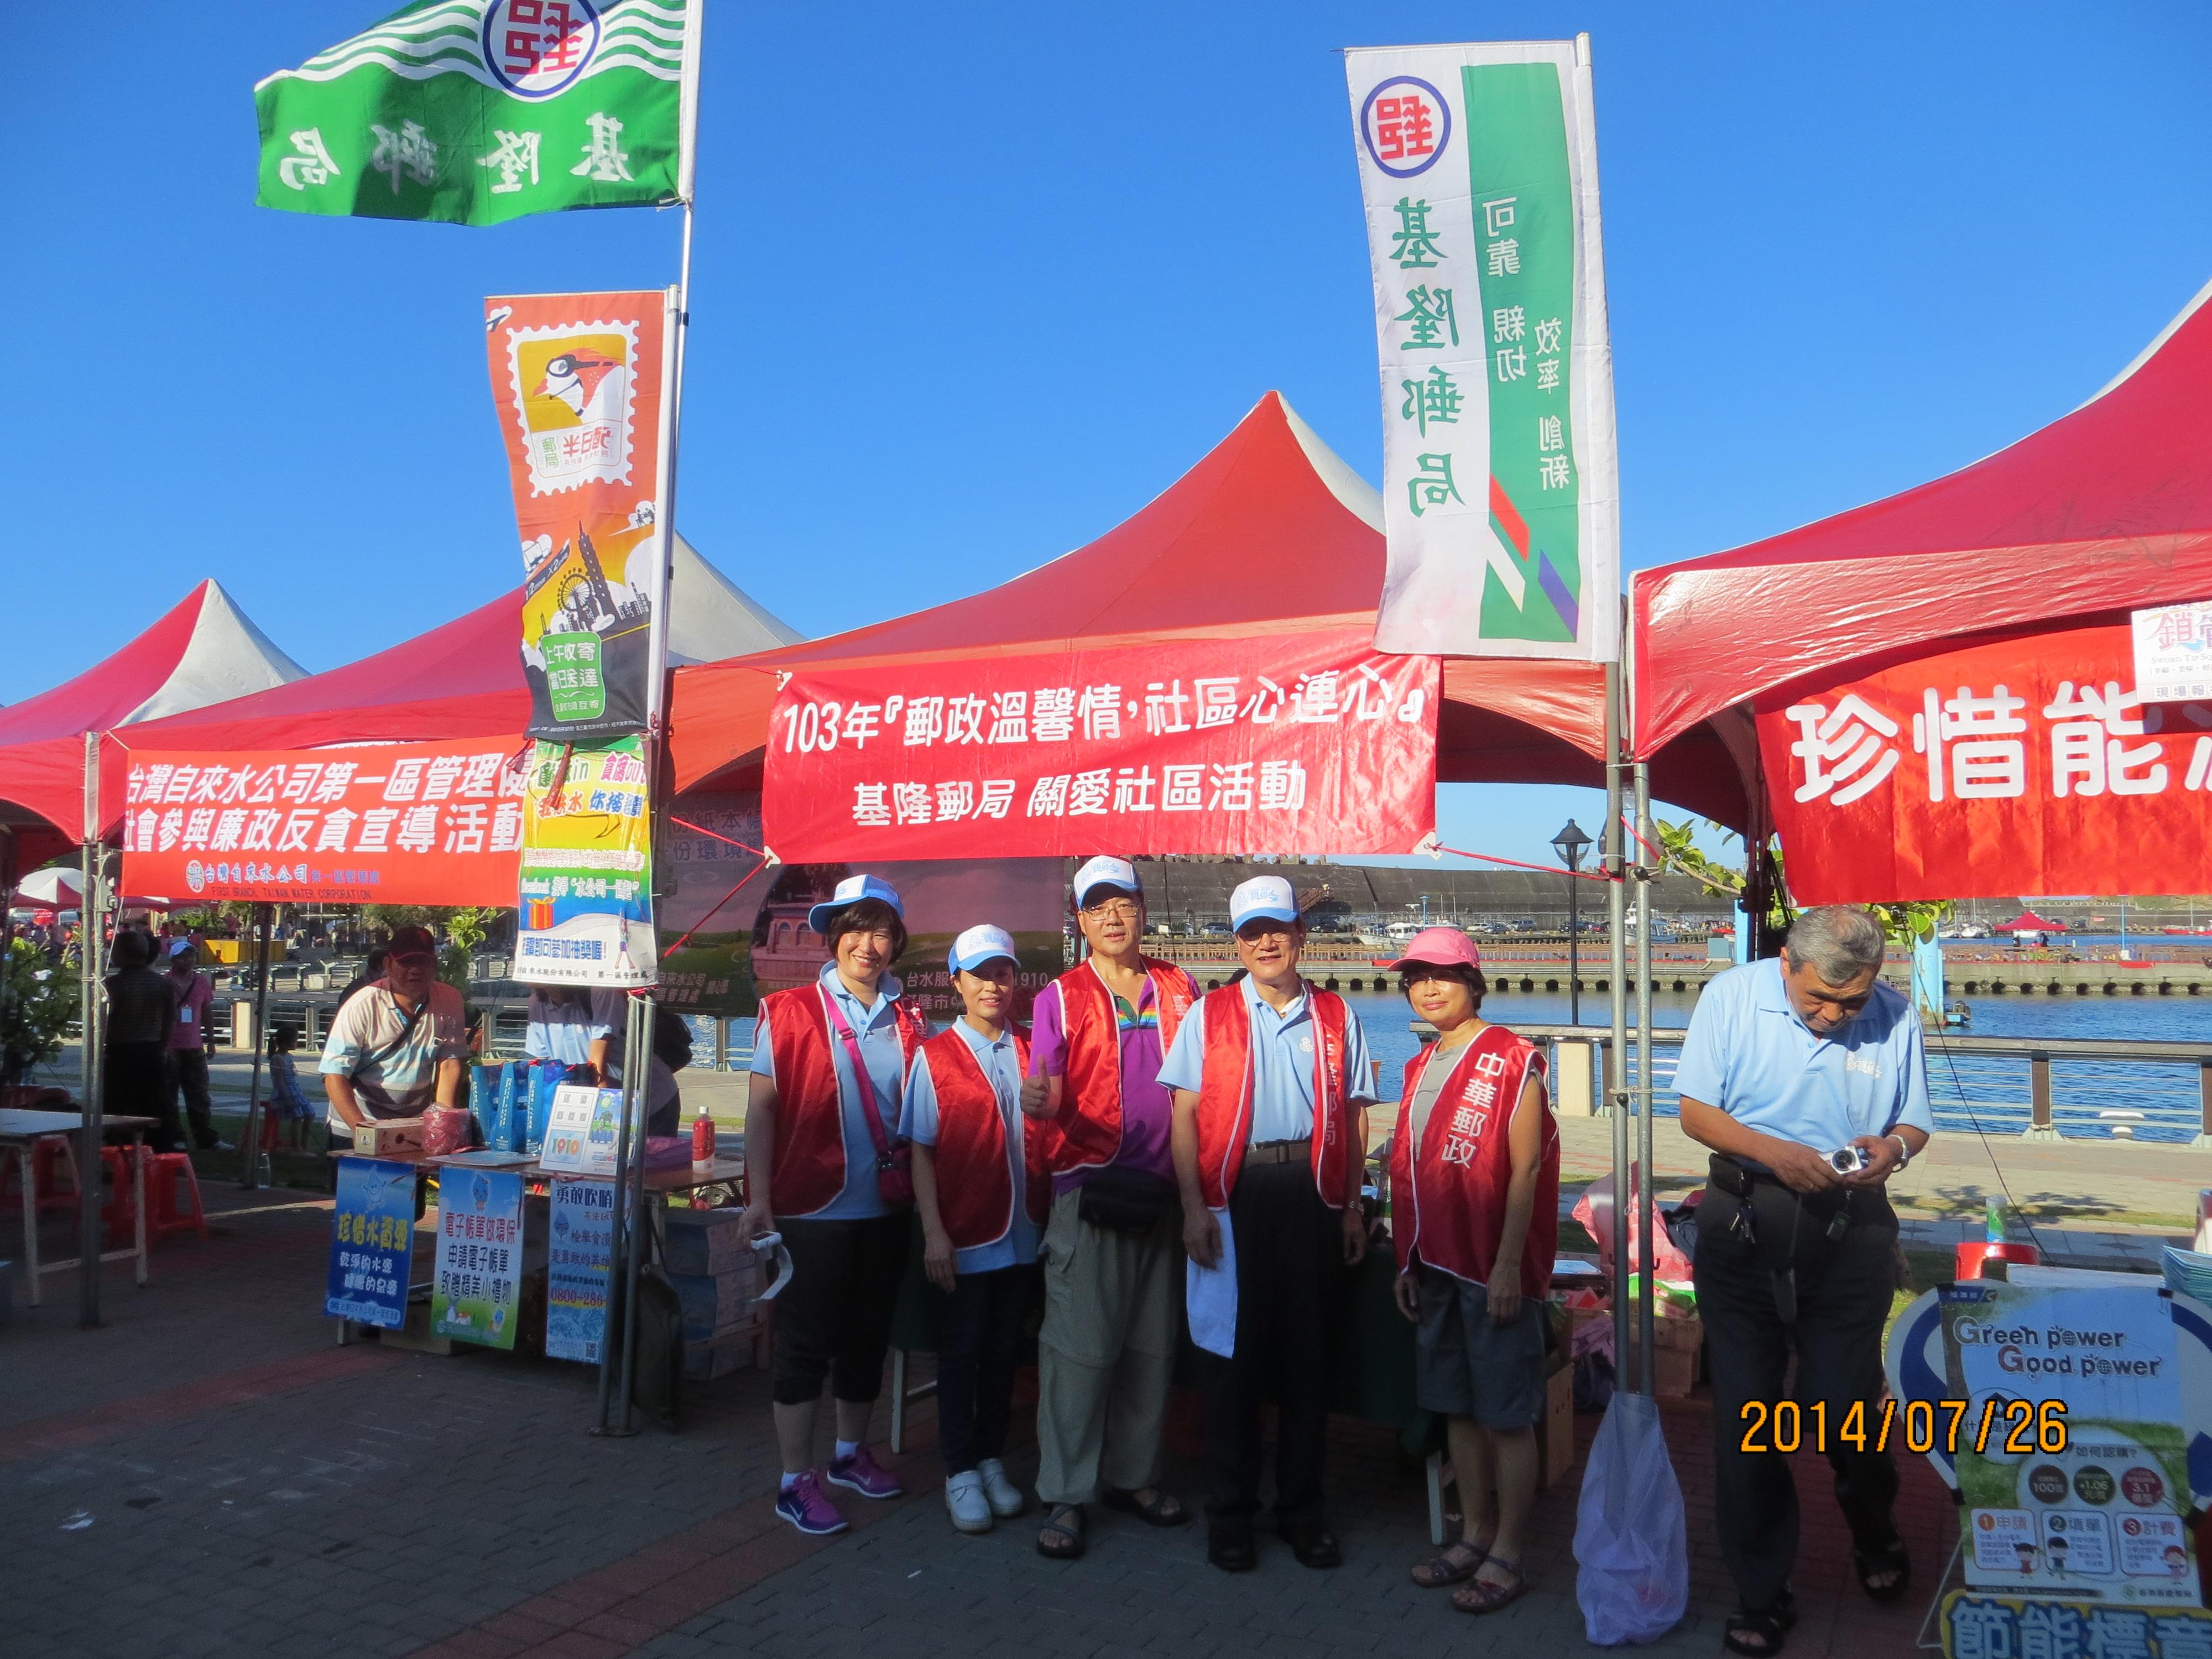 基隆郵局參與「2014基隆鎖管季」嘉年華設攤服務活動